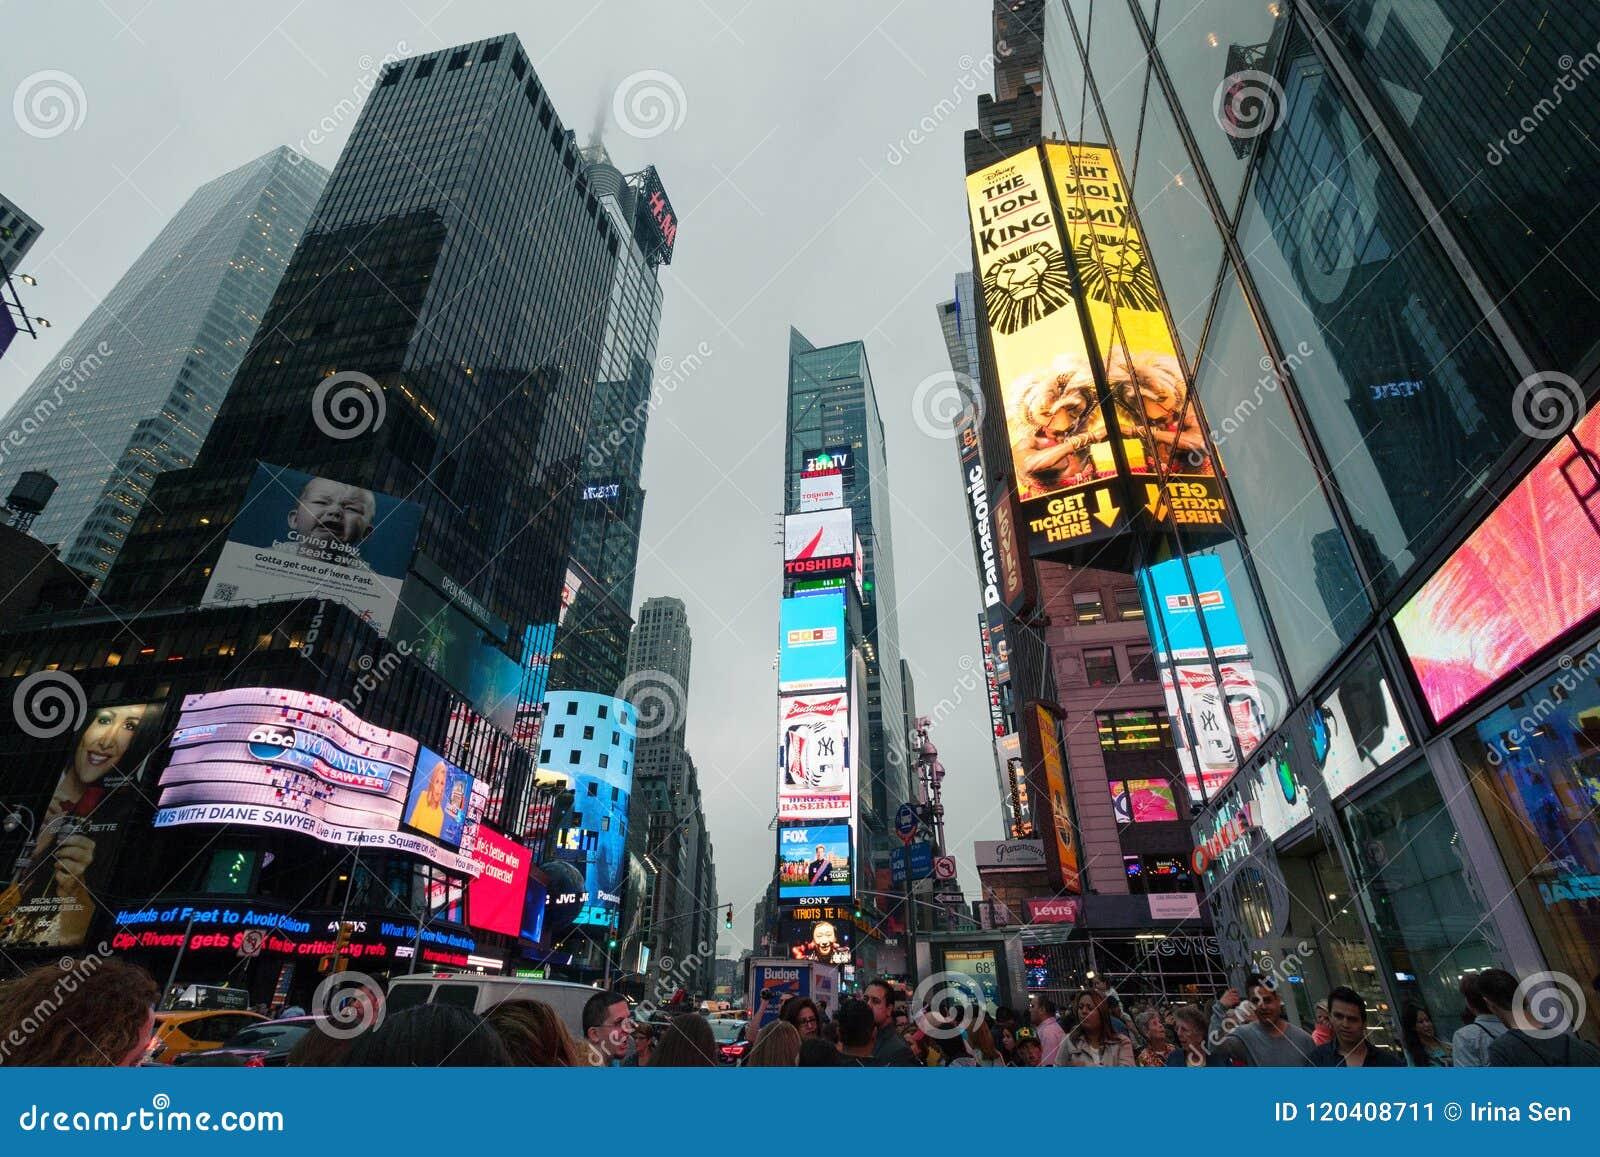 Nebeliges Manhattan - Nachtverkehr Times Square, New York, Stadtmitte, Manhattan New York, vereinigt Zustände